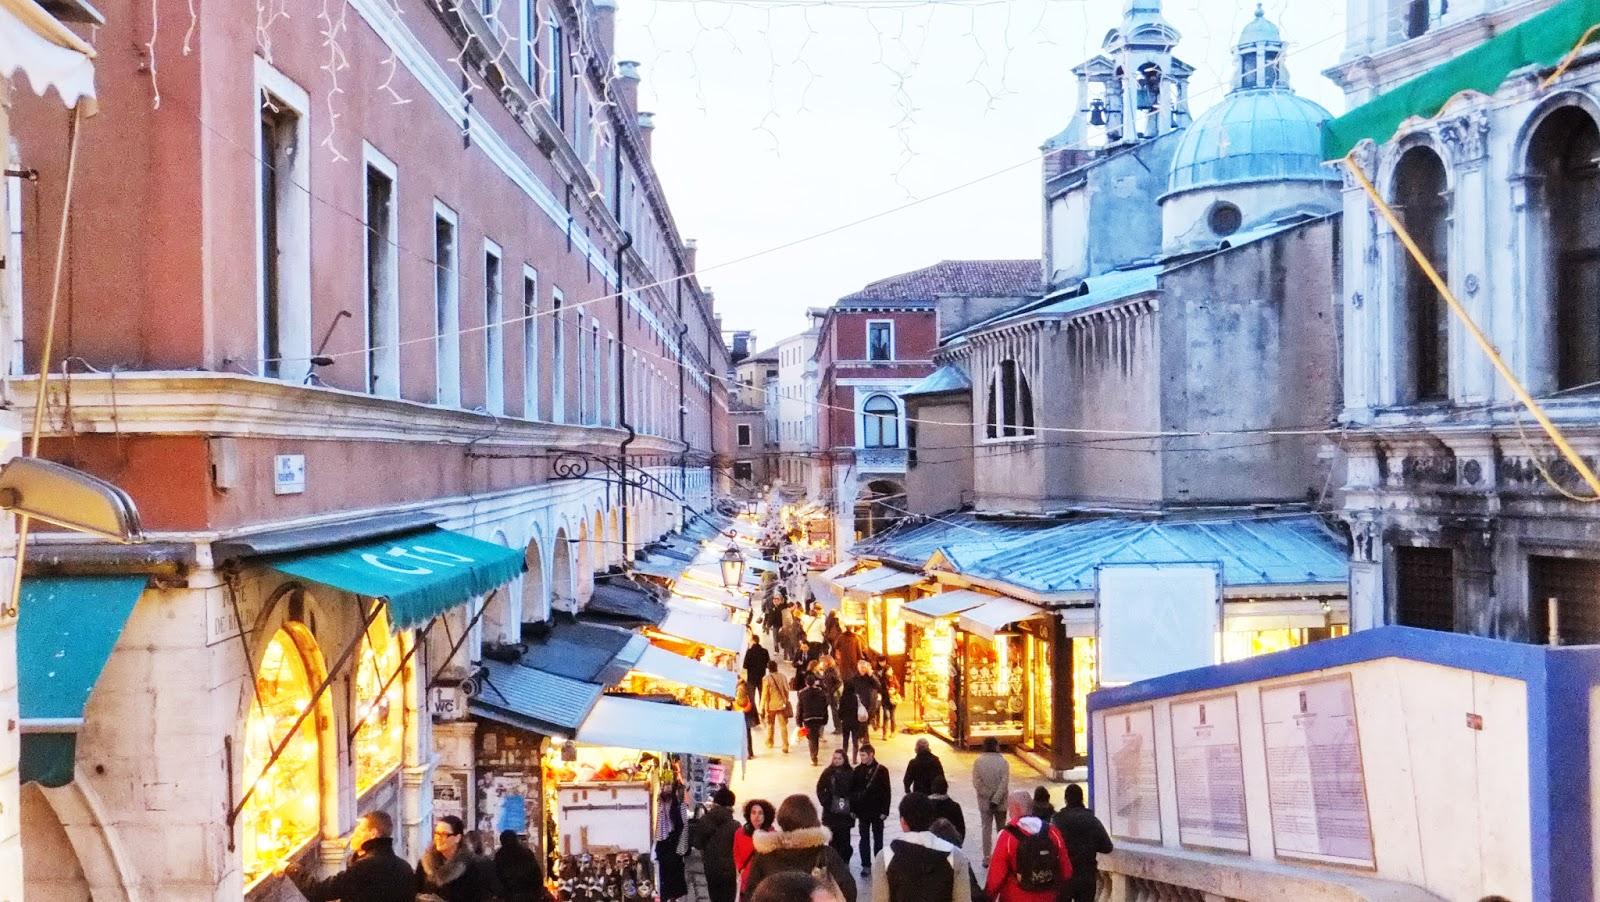 Ponte del Rialto, Gran Canal, Canalazzo, Venecia, Venezia, Italia, Elisa N, Blog de Viajes, Lifestyle, Travel